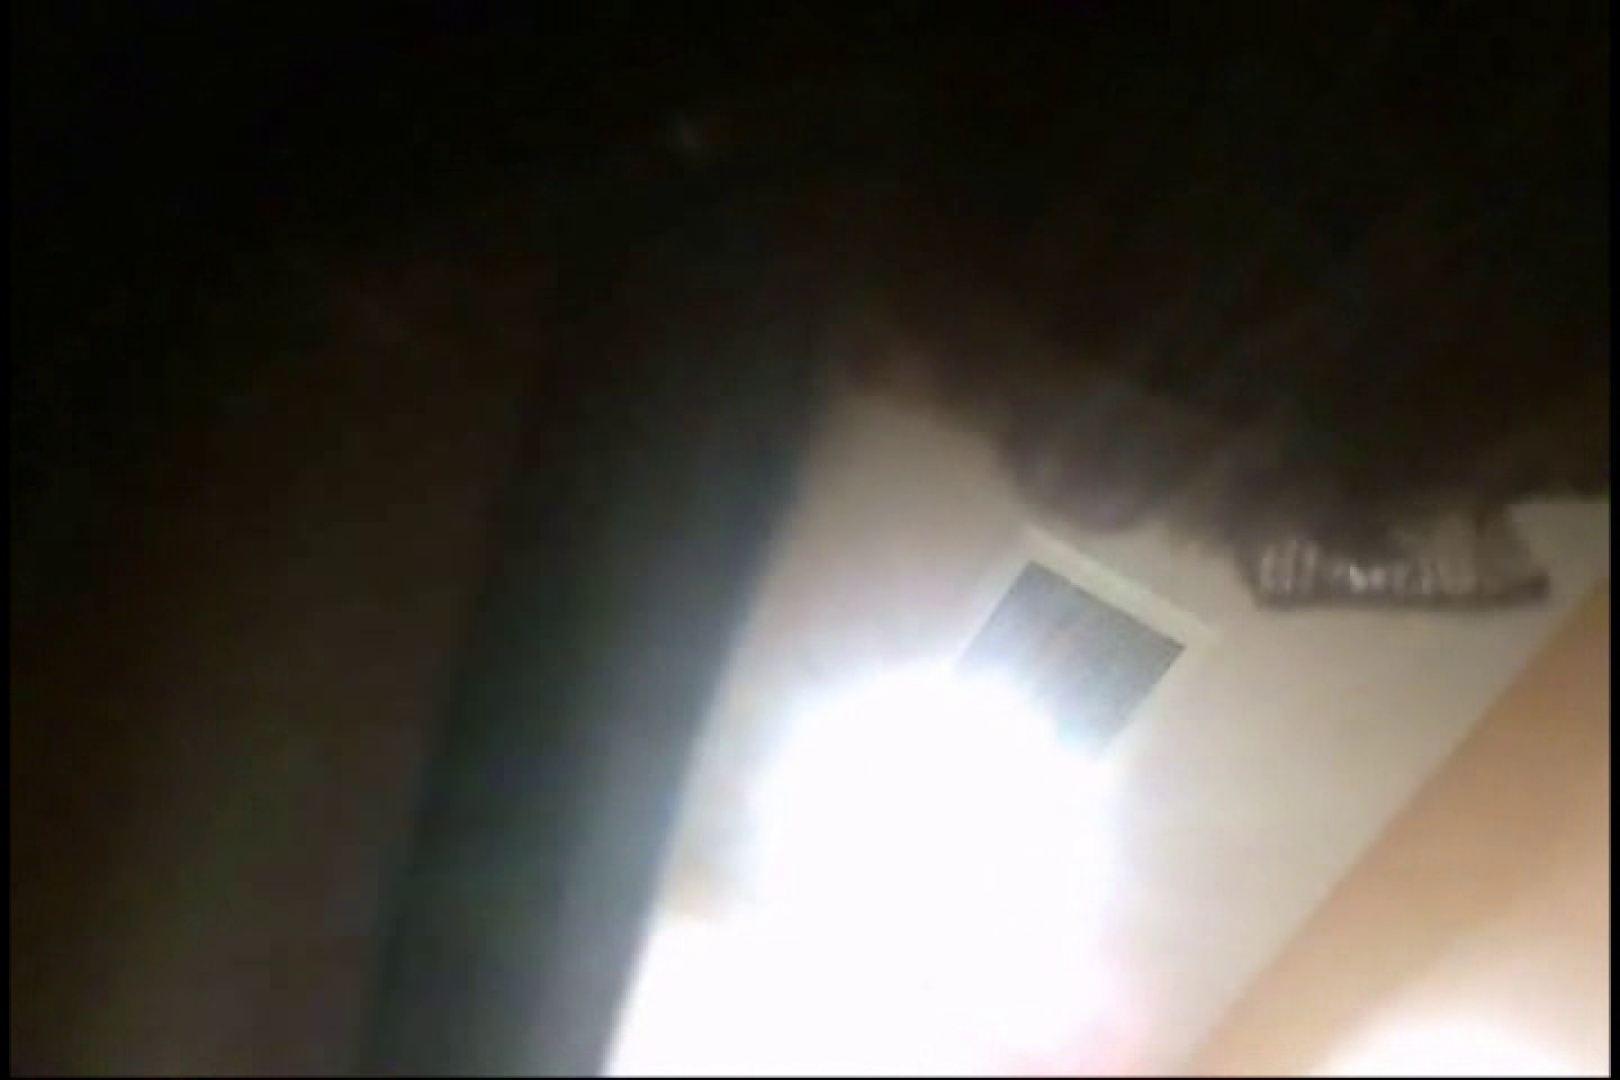 画質向上!新亀さん厠 vol.60 無修正オマンコ のぞき動画画像 66画像 58